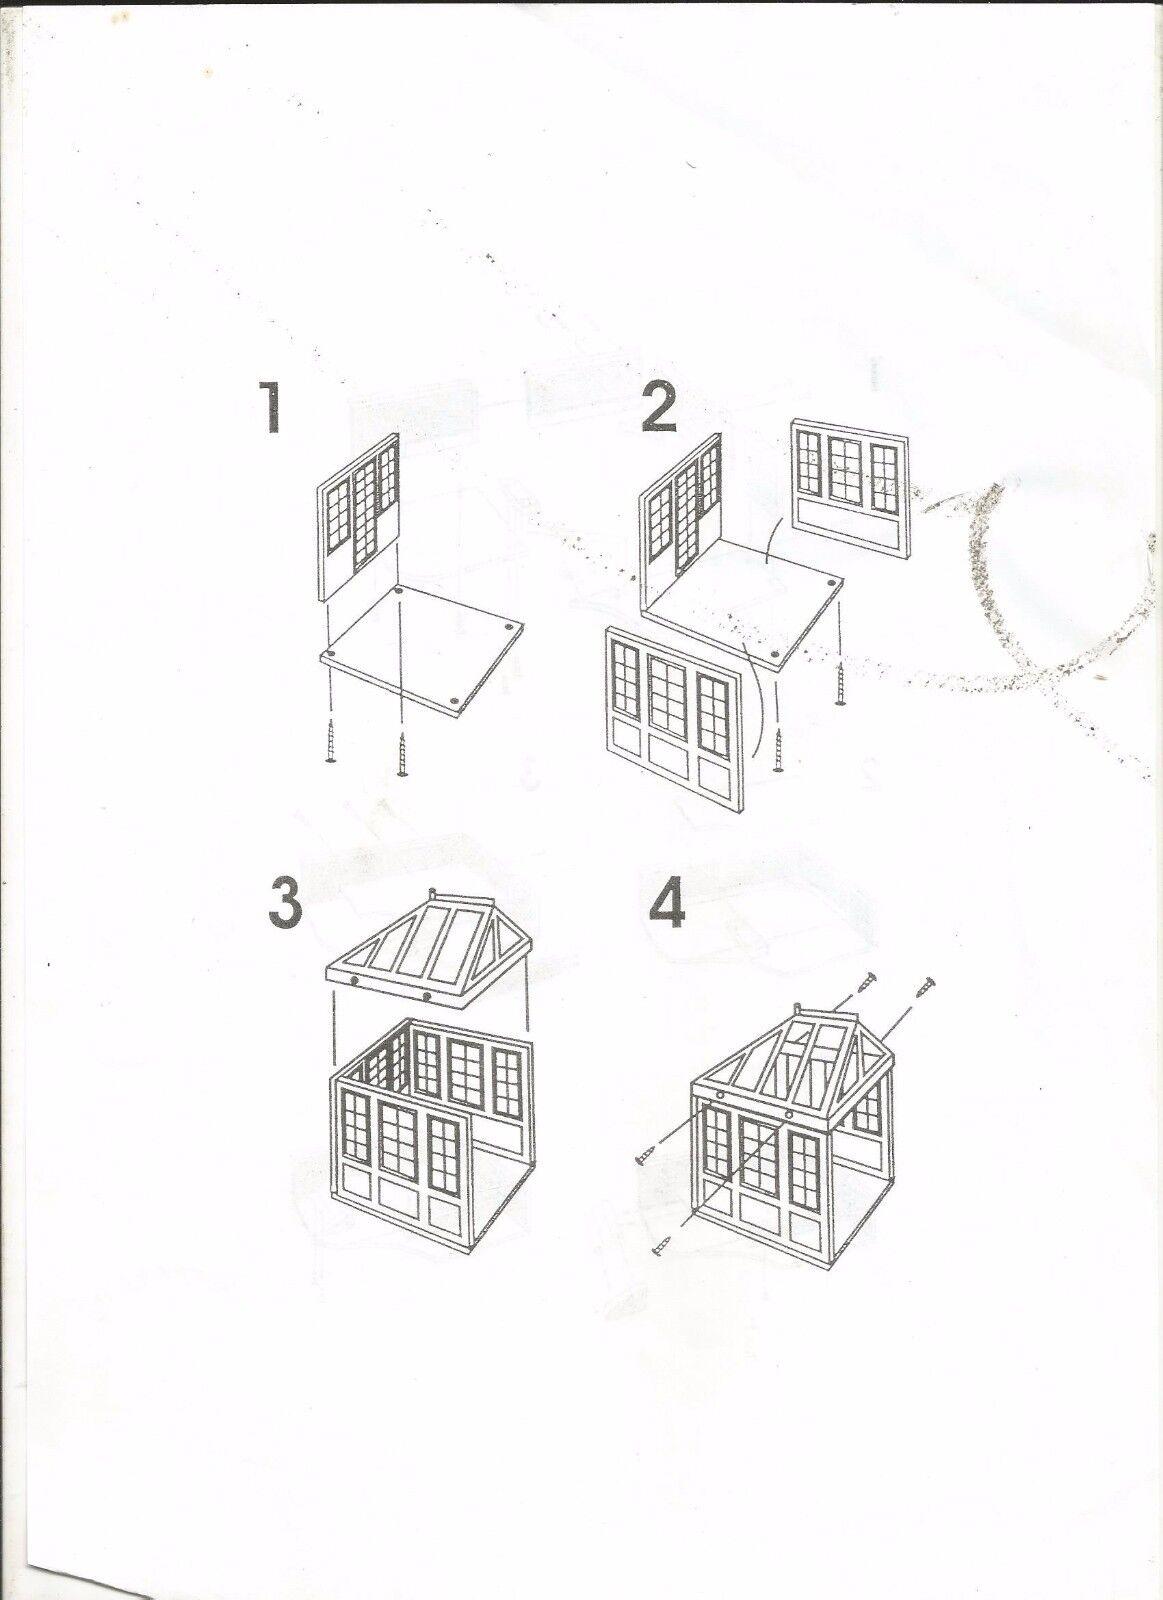 MAISON DE POUPEE - TOITURE + MUR + + + COTE (le tout dans son emballage d'origine) 3d2385